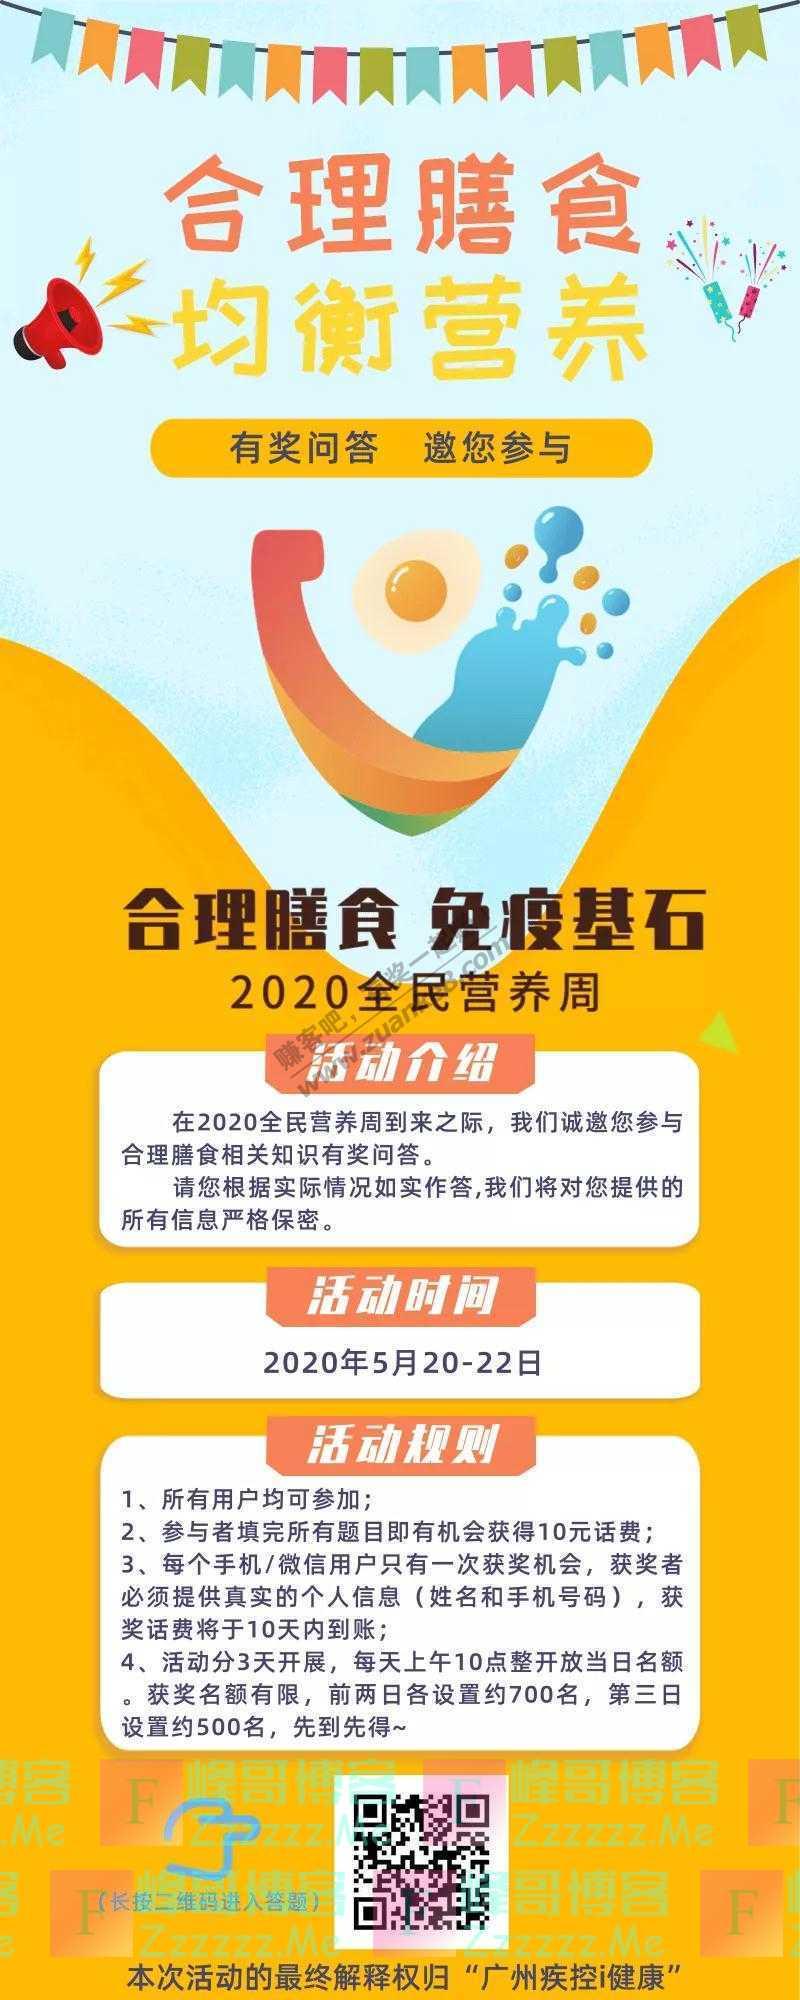 广州疾控i健康2020全民营养周有奖知识问答(截止5月22日)